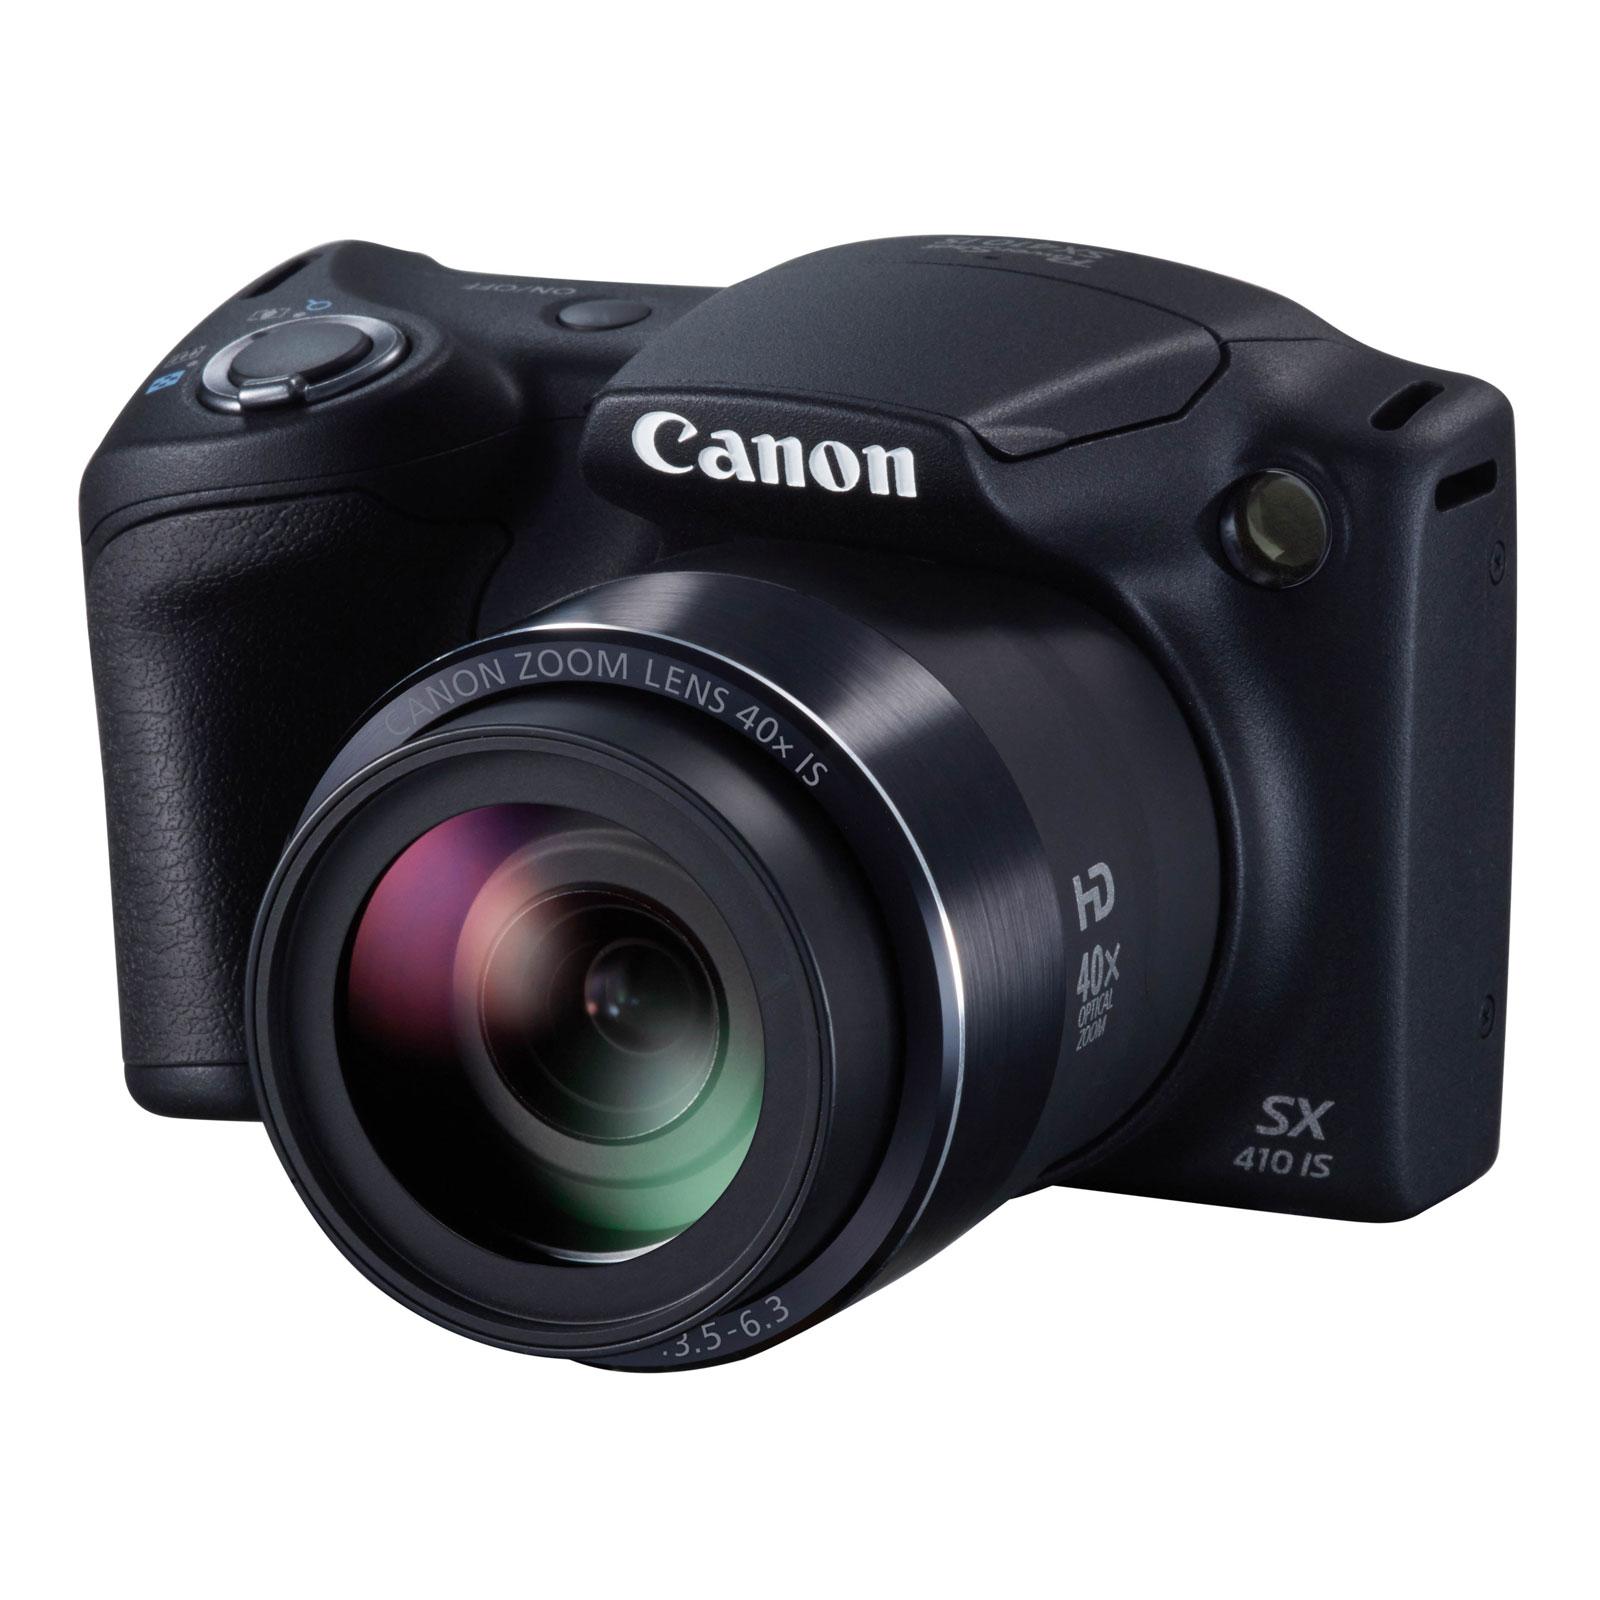 canon powershot sx410 is noir appareil photo num rique canon sur. Black Bedroom Furniture Sets. Home Design Ideas